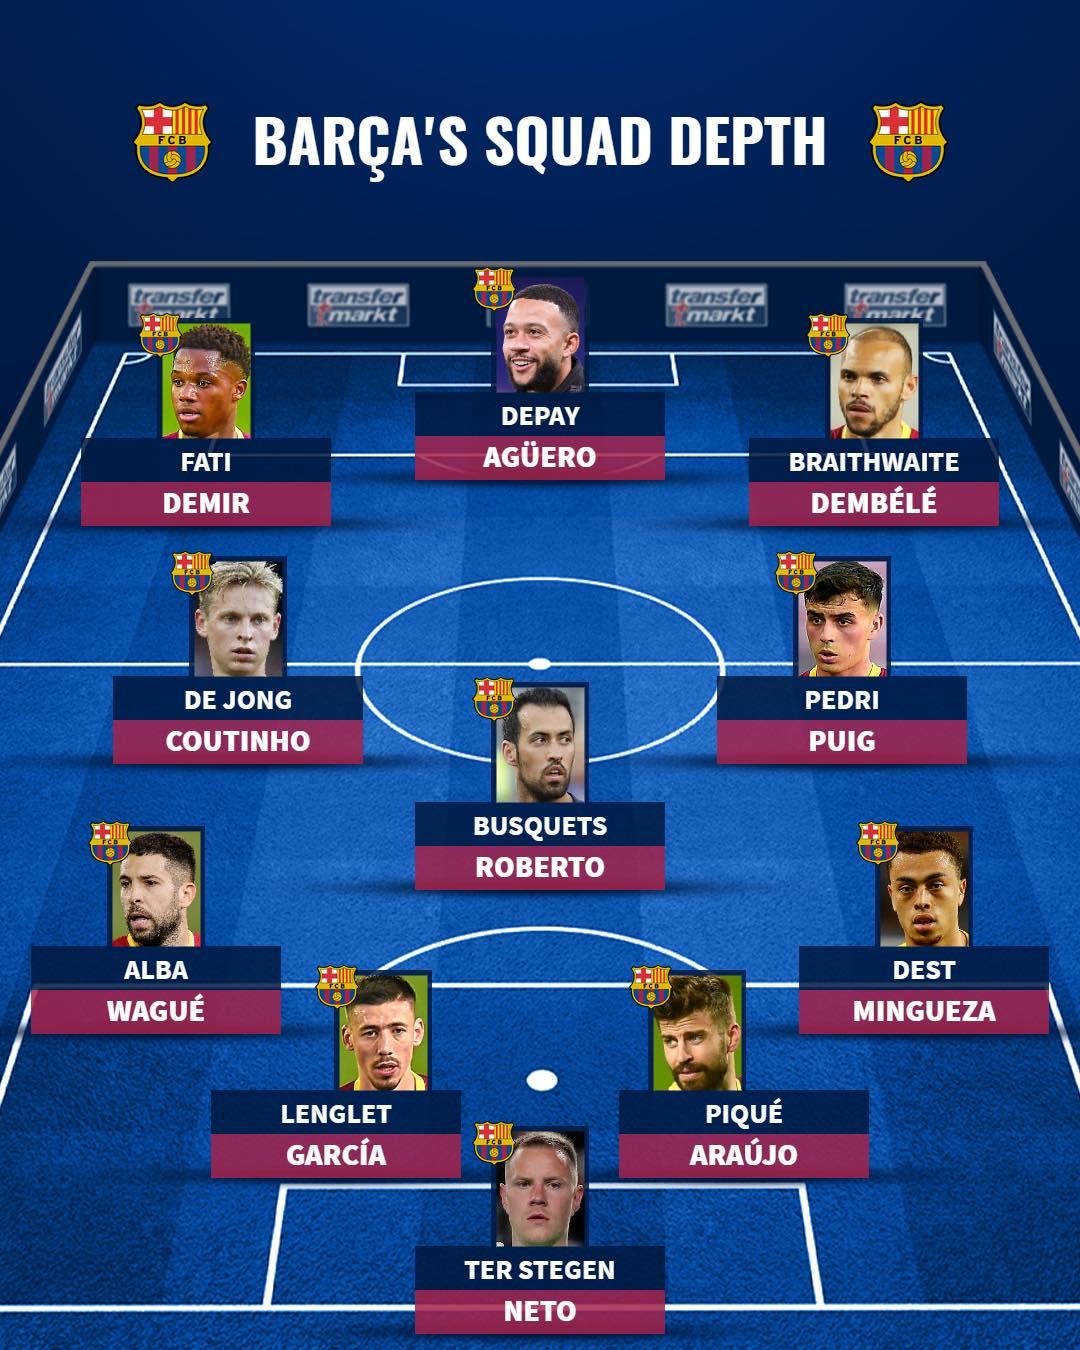 Bán Griezmann chia tay Messi, chiều sâu đội hình Barca mùa này ra sao? - Bóng Đá